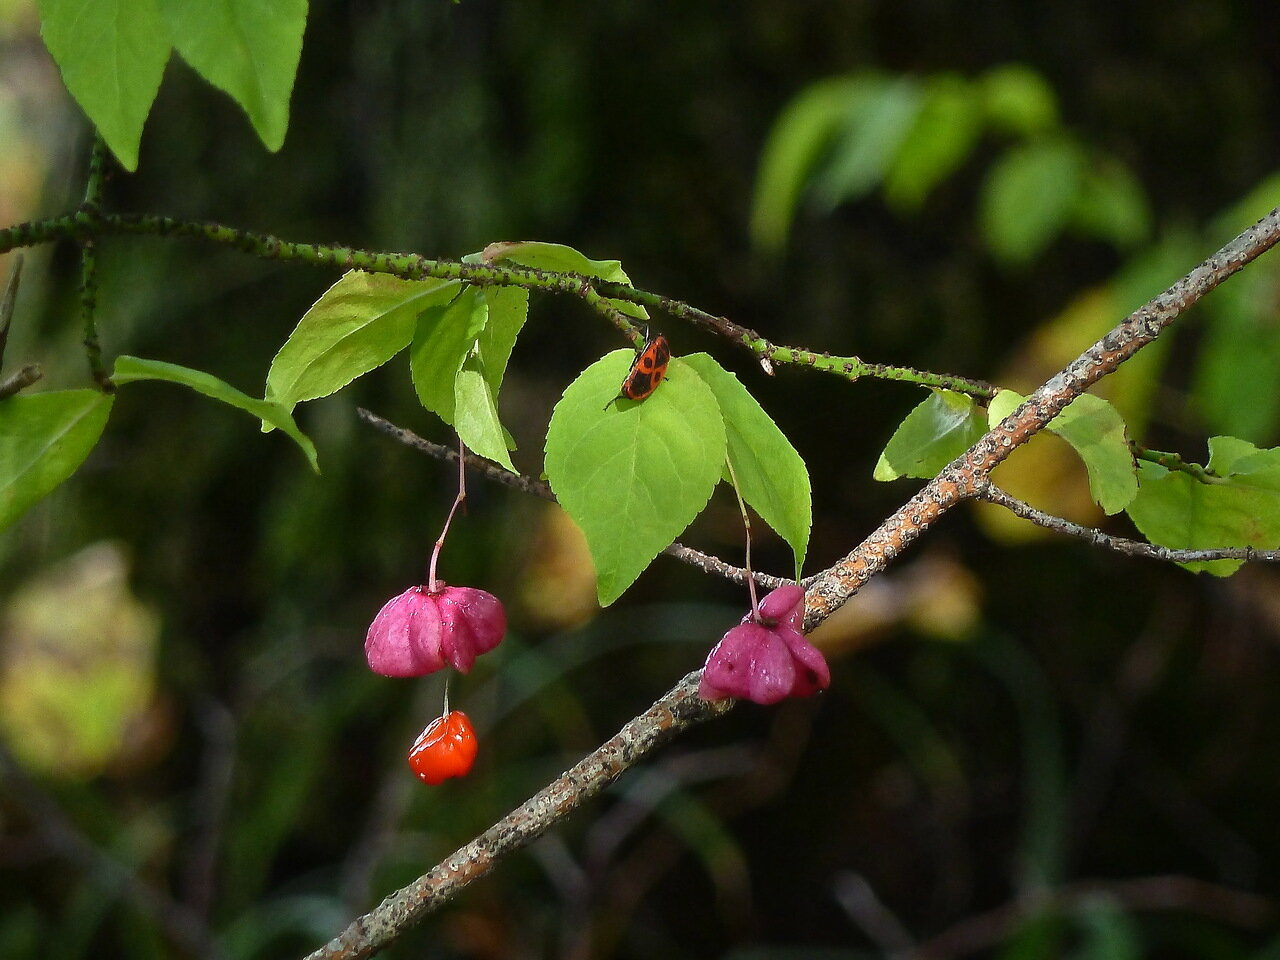 Бересклет бородавчатый (Euonymus verrucosa). Автор фото: Сергей Апполонов